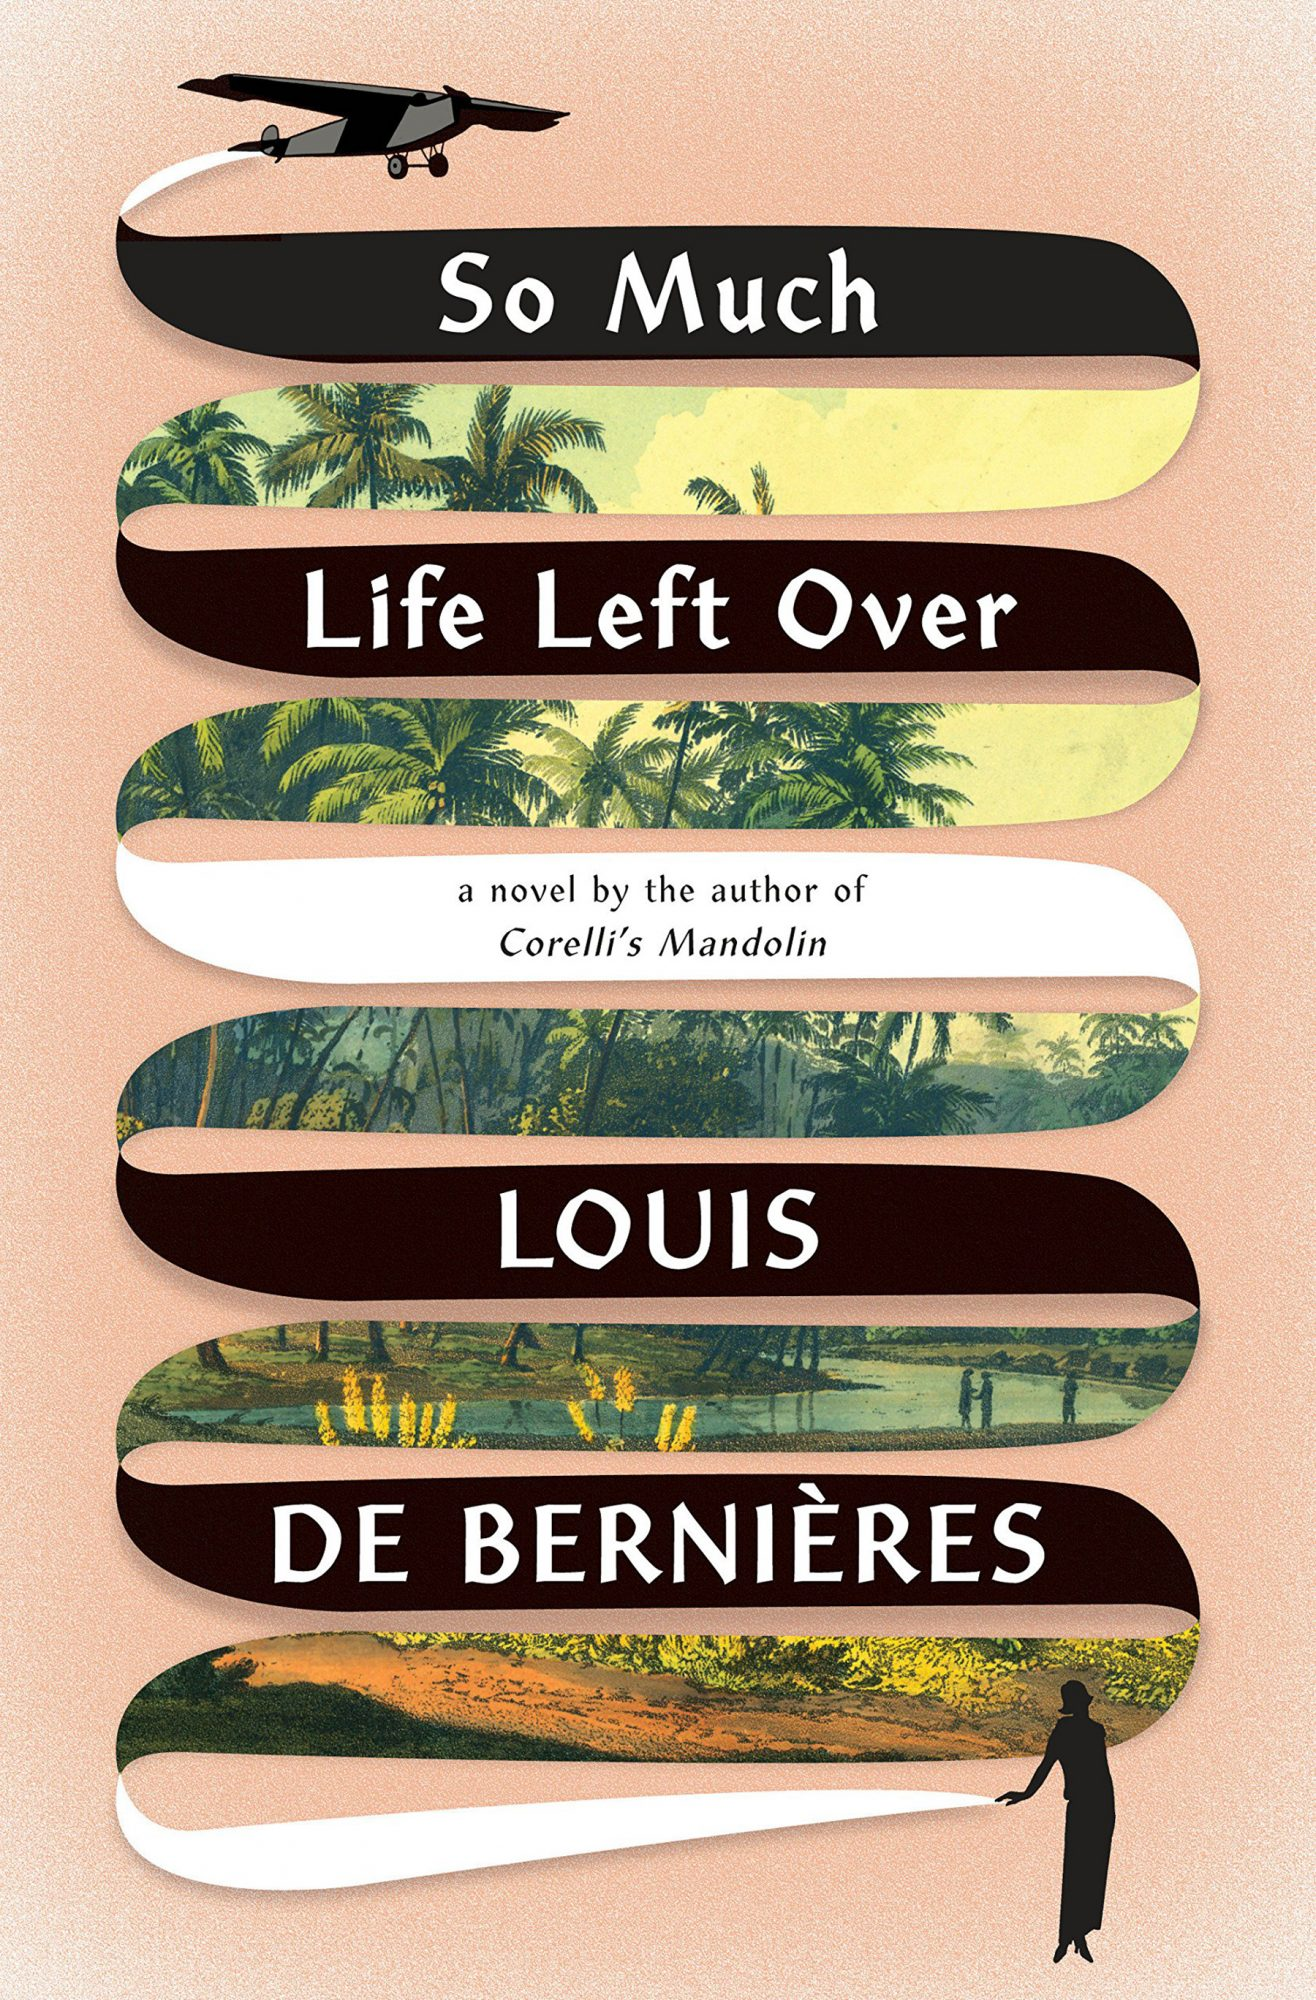 So Much Life Left Over: A Novel  by Louis de BernieresPantheon